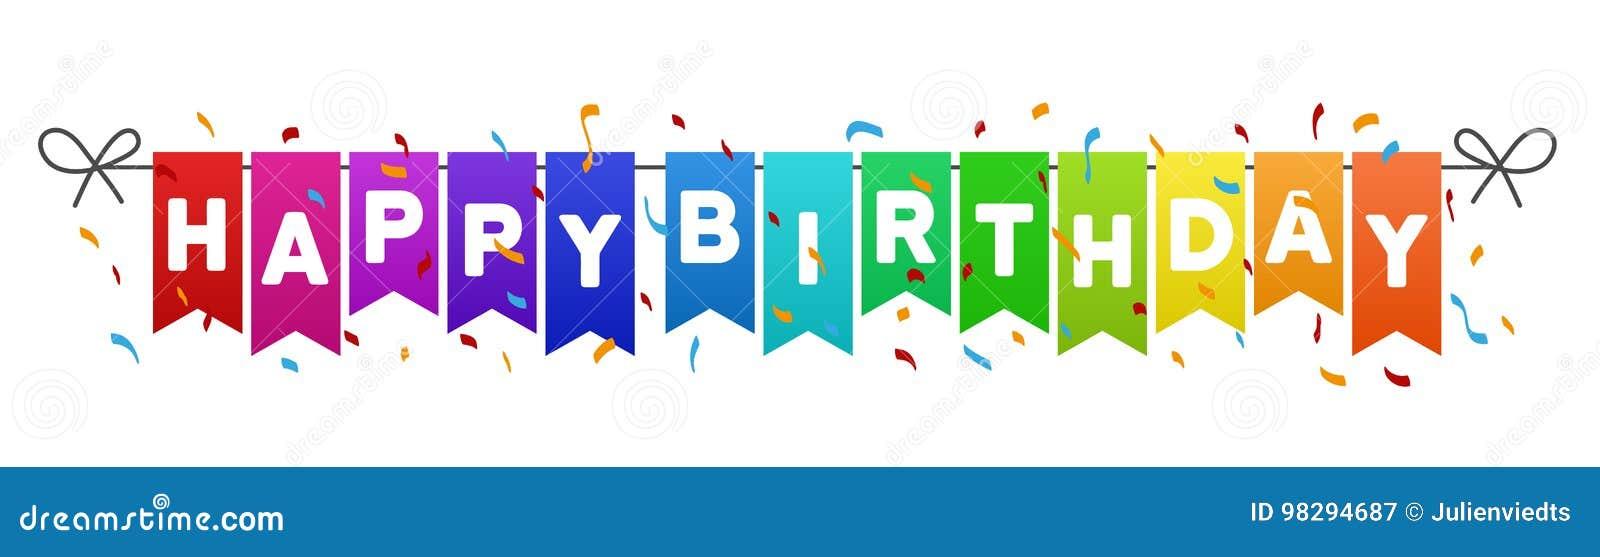 Den lyckliga födelsedagen sjunker banret